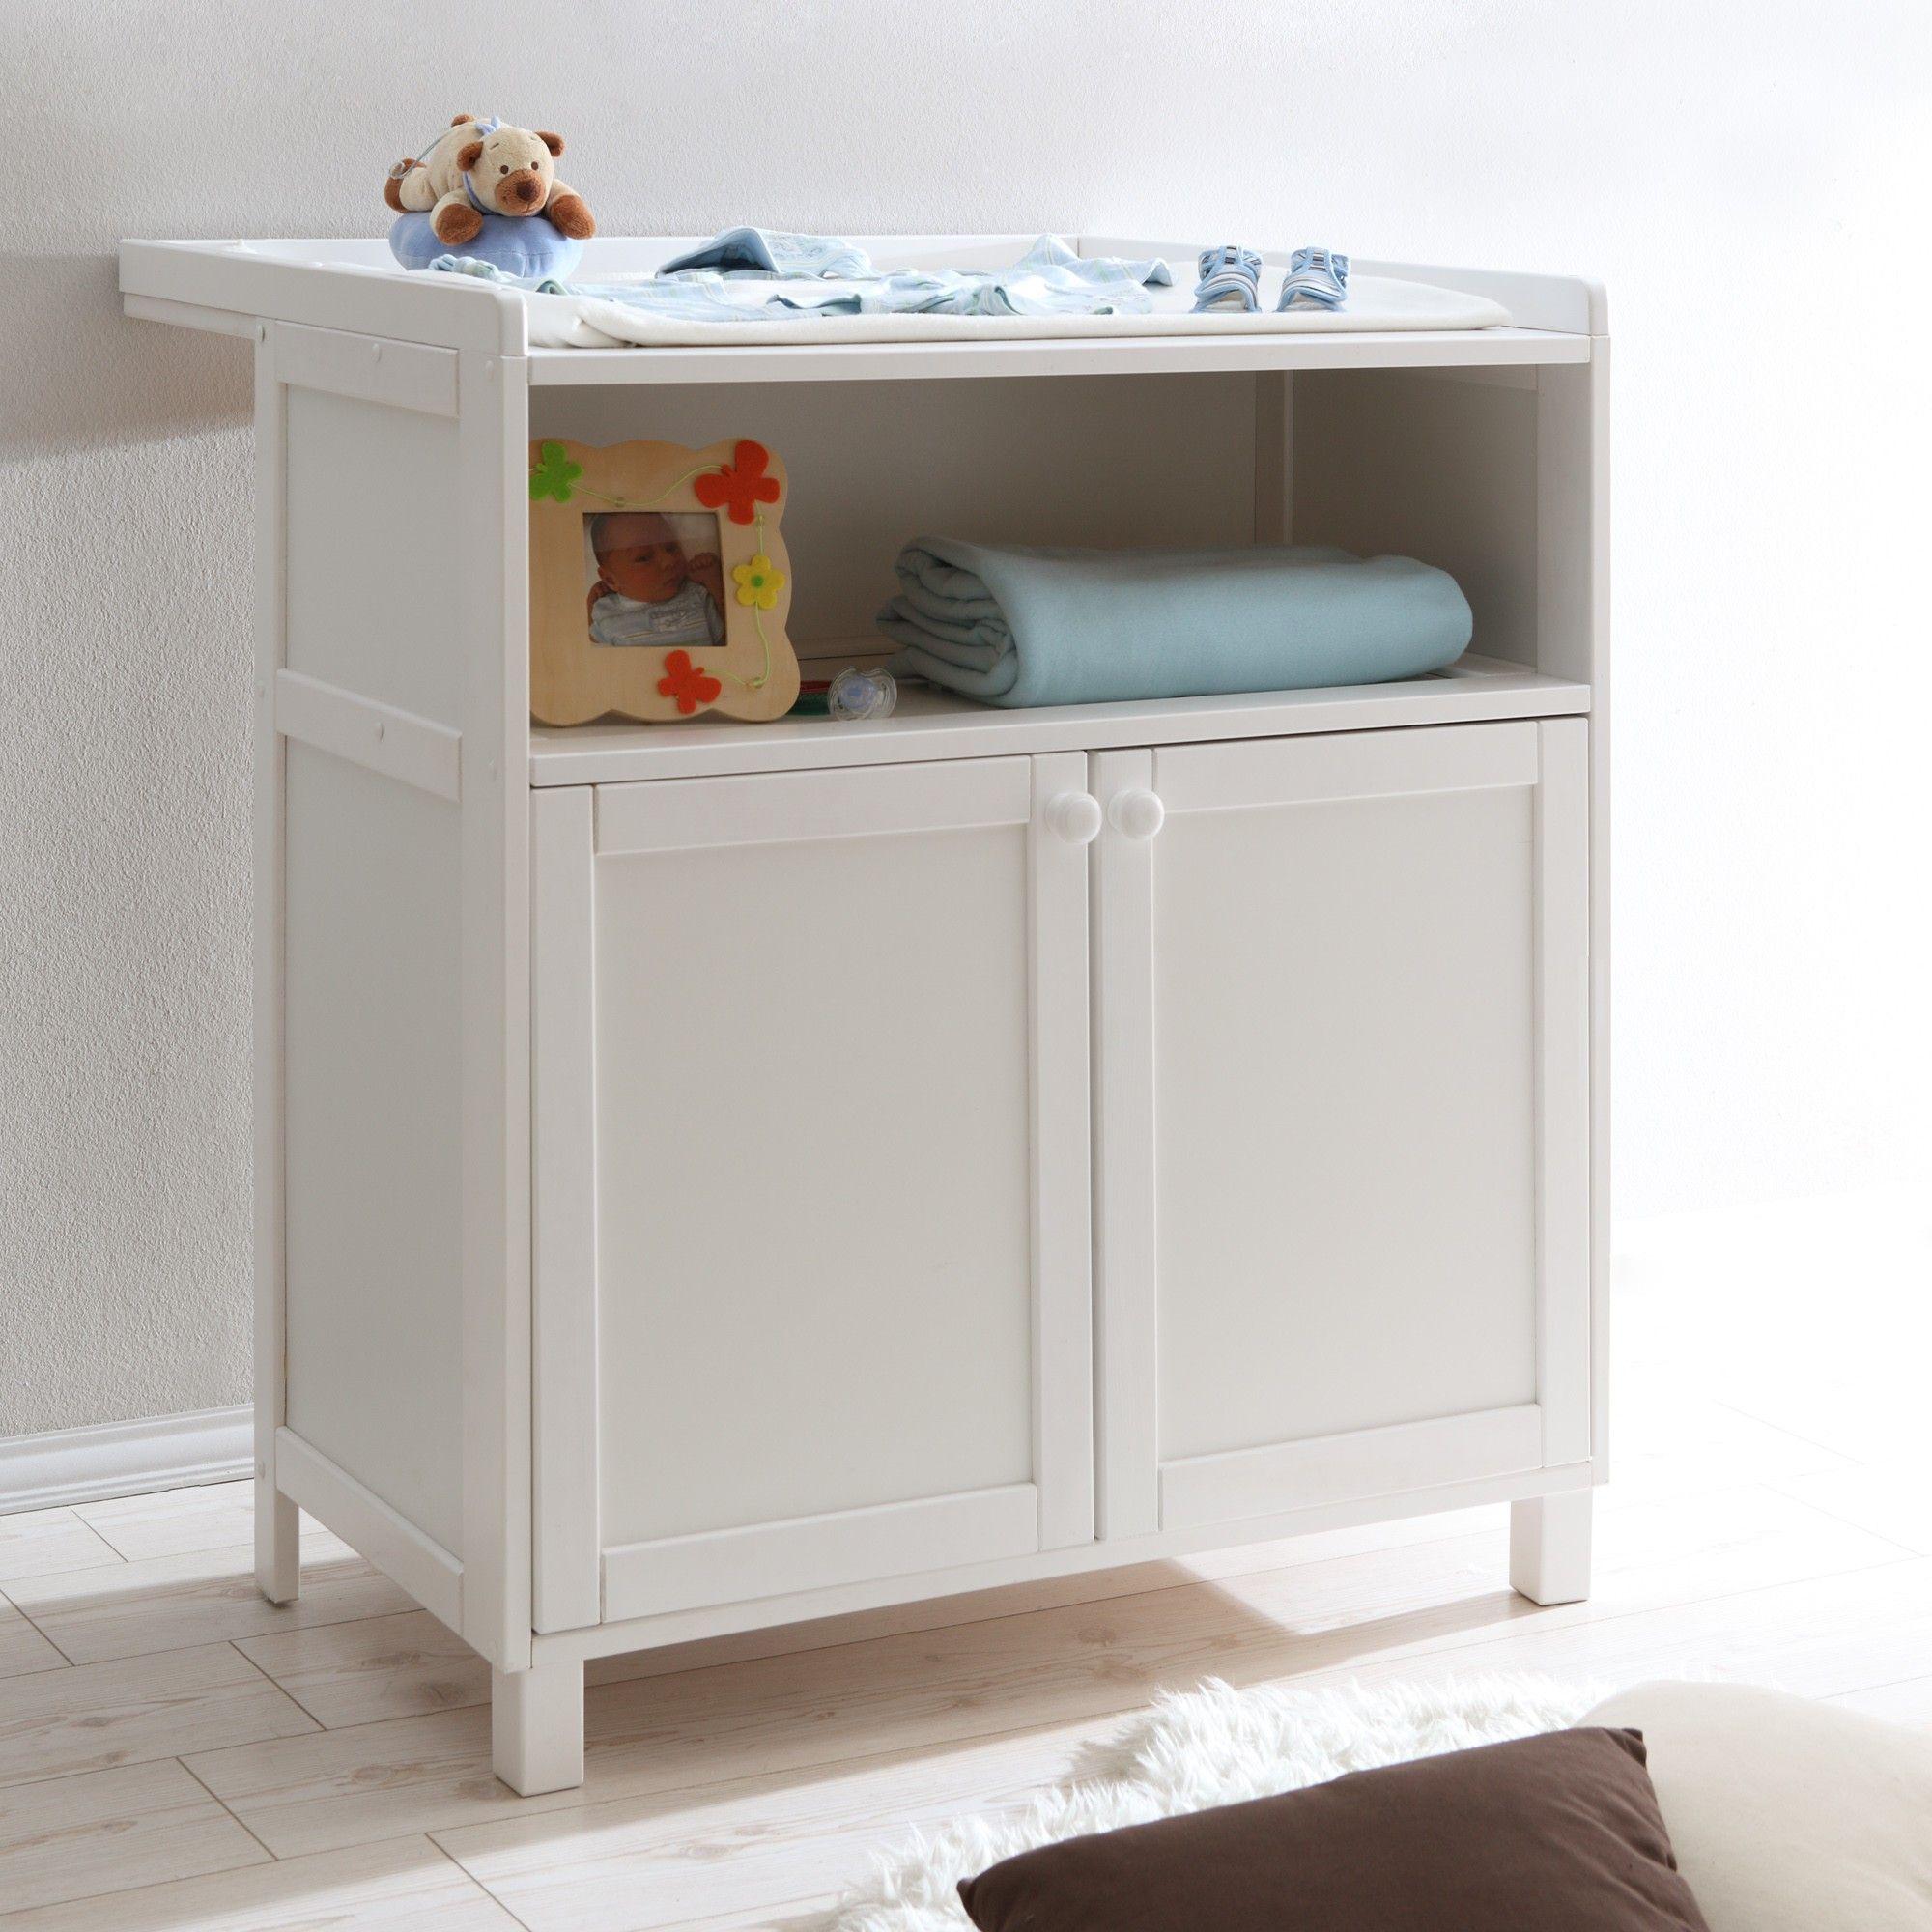 Komoda Biala Sosnowa Z Przewijakiem Furniture Changing Table Home Decor